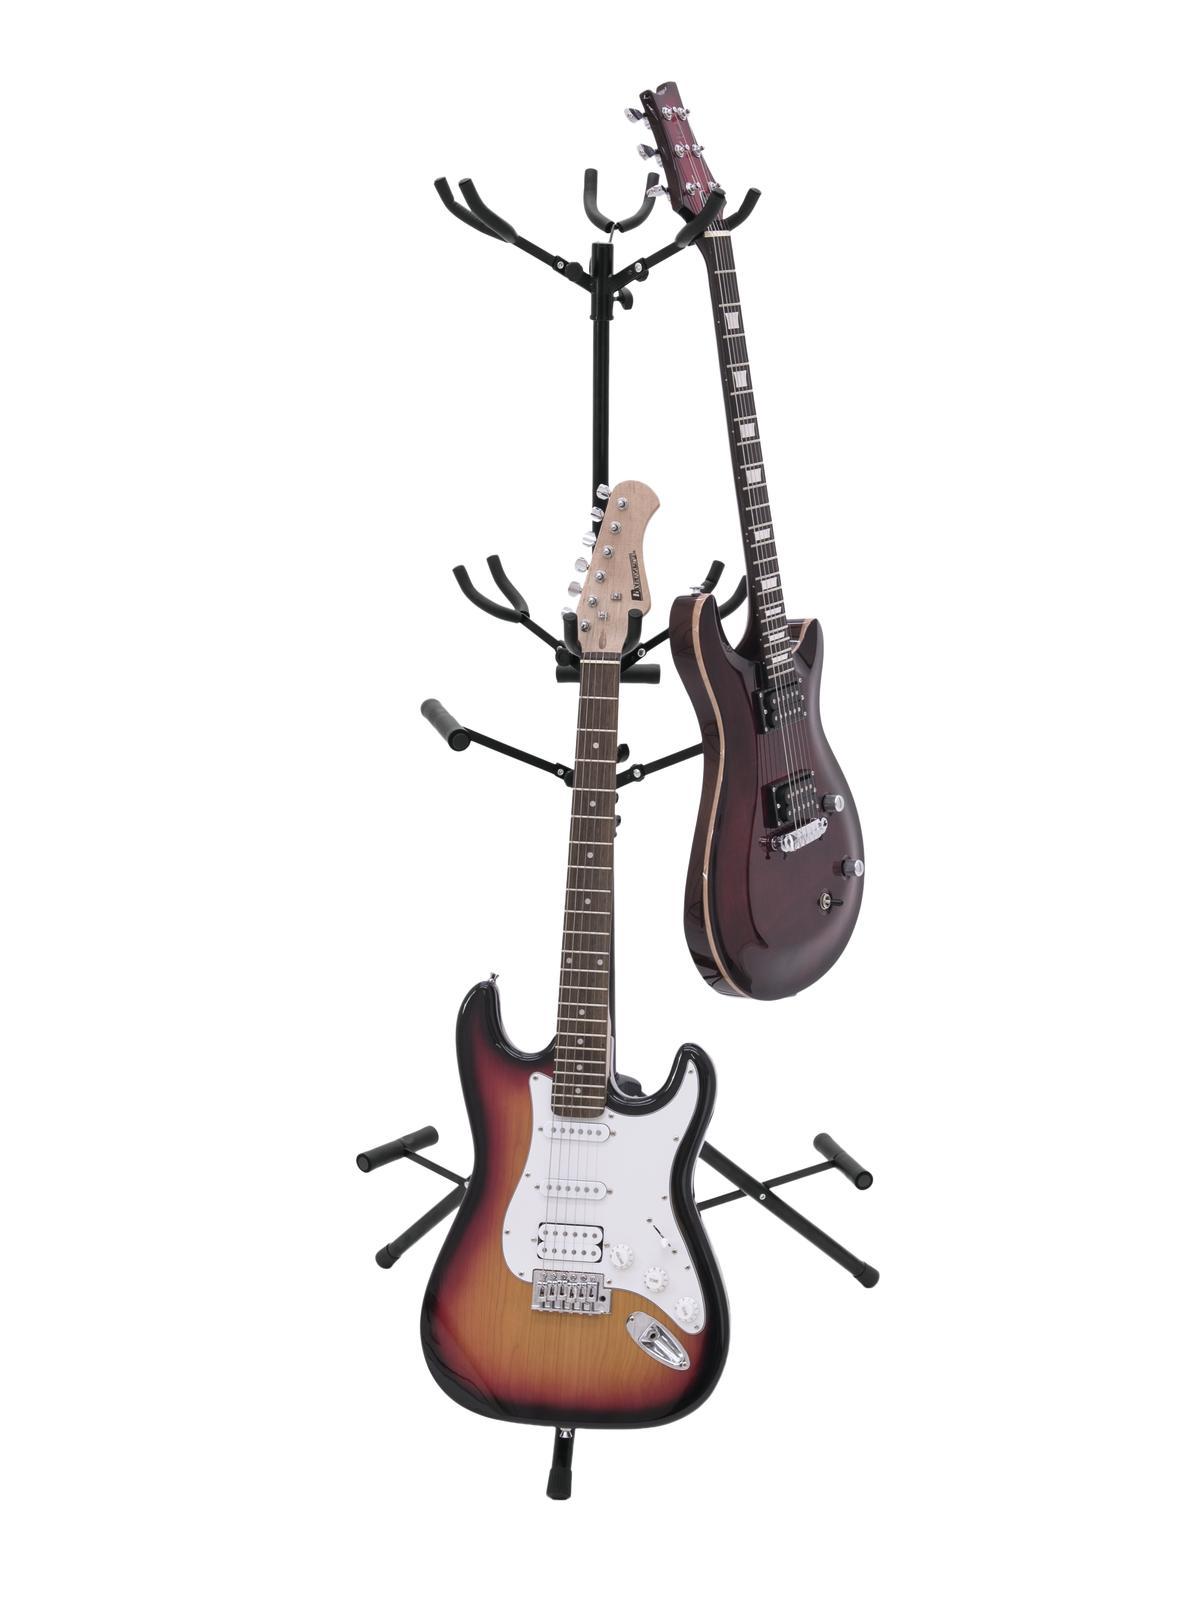 Stand Supporto da terra per 6 chitarre o bassi omnitronic